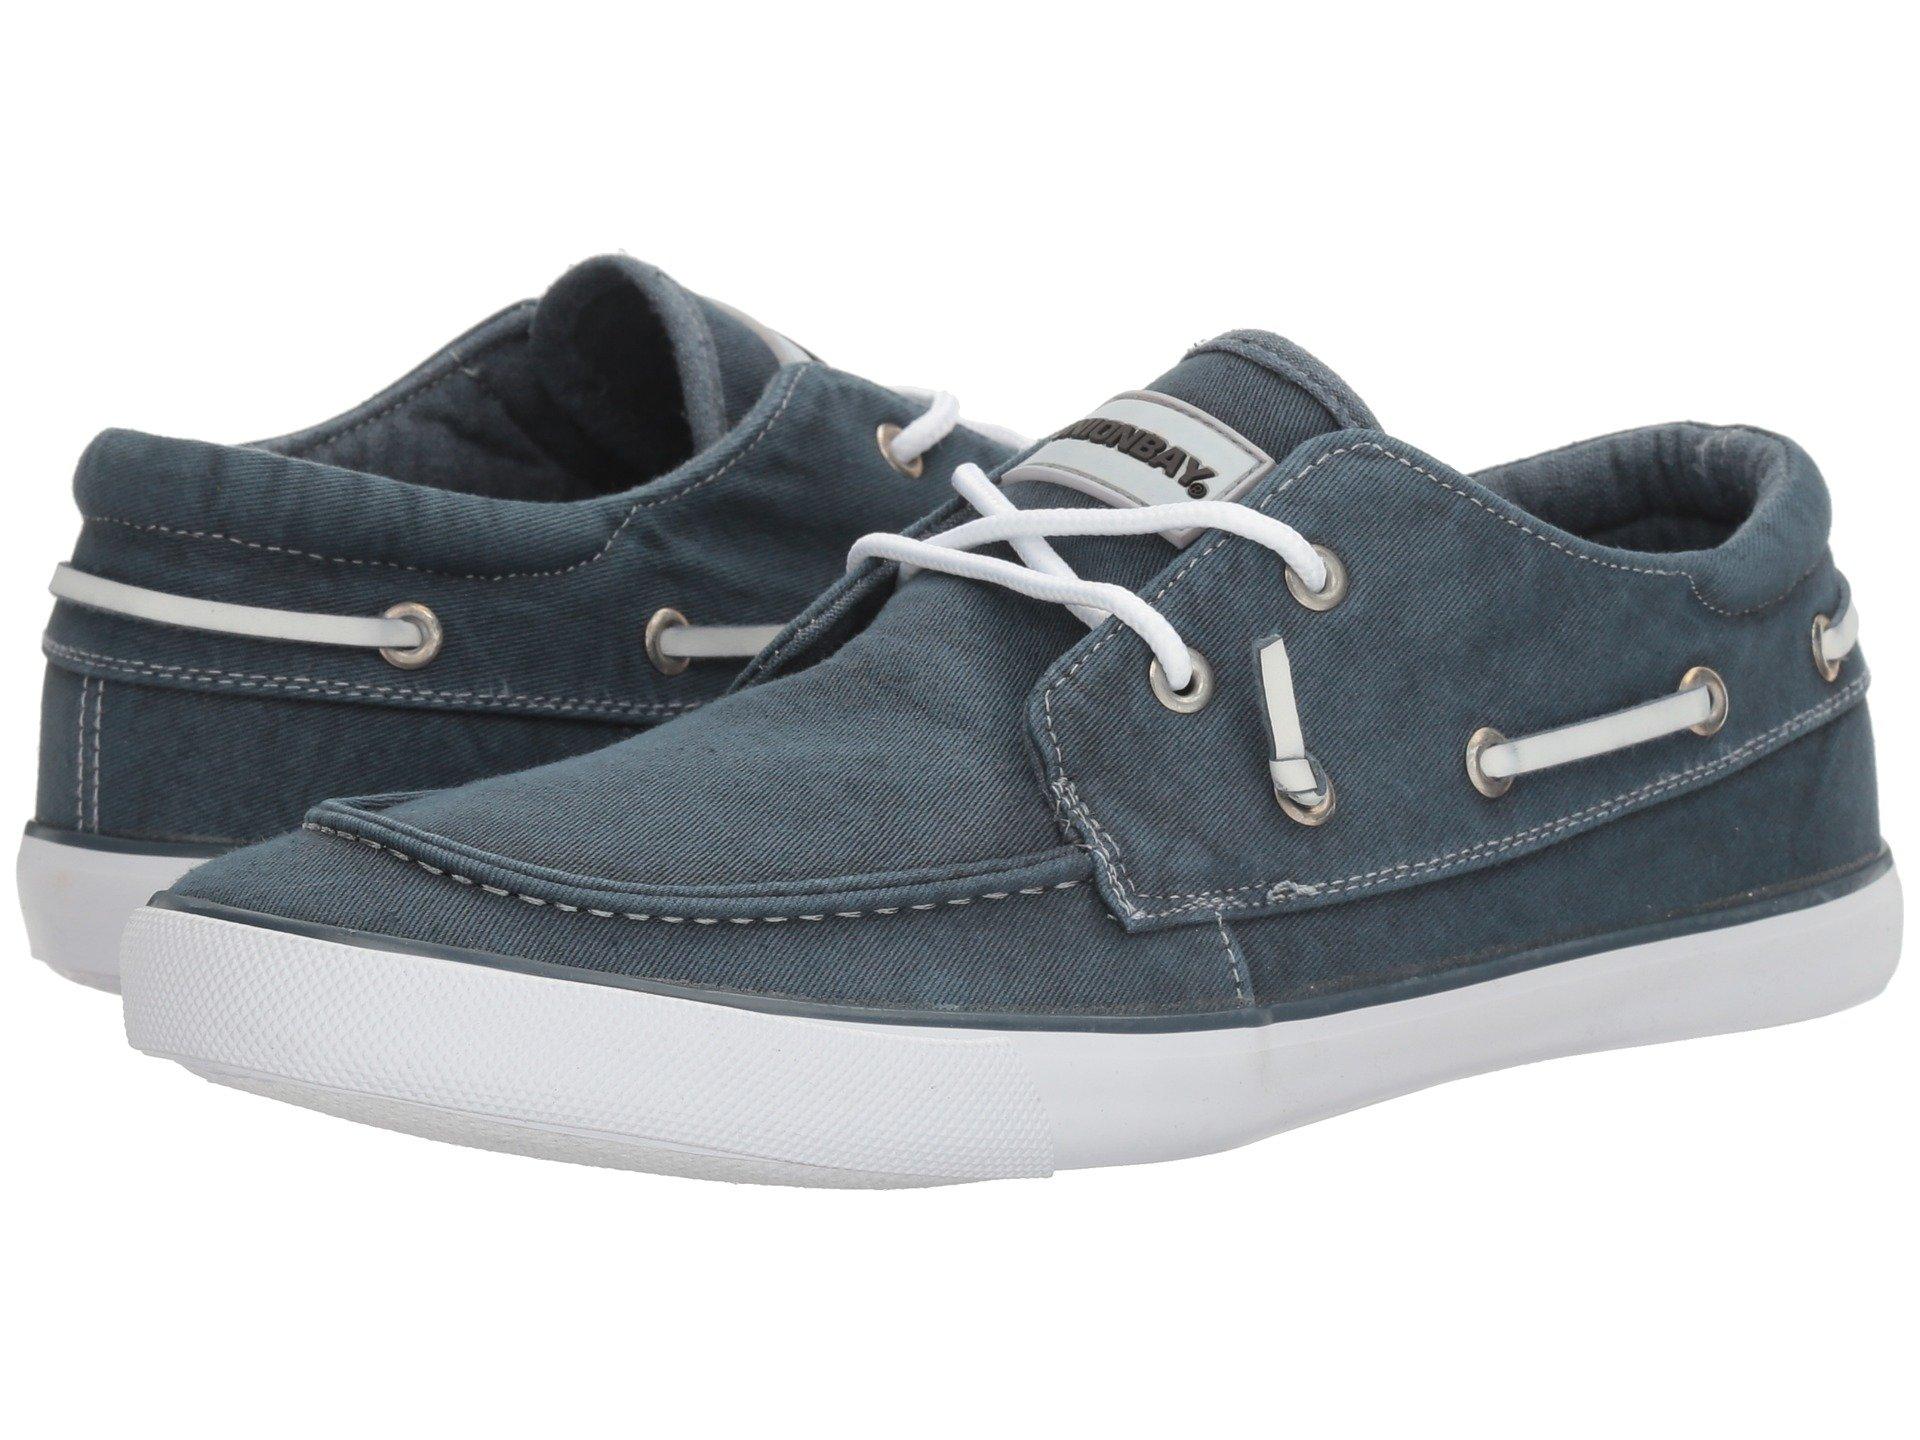 Calzado Tipo Boat Shoe para Hombre UNIONBAY Freeland  + UNIONBAY en VeoyCompro.net